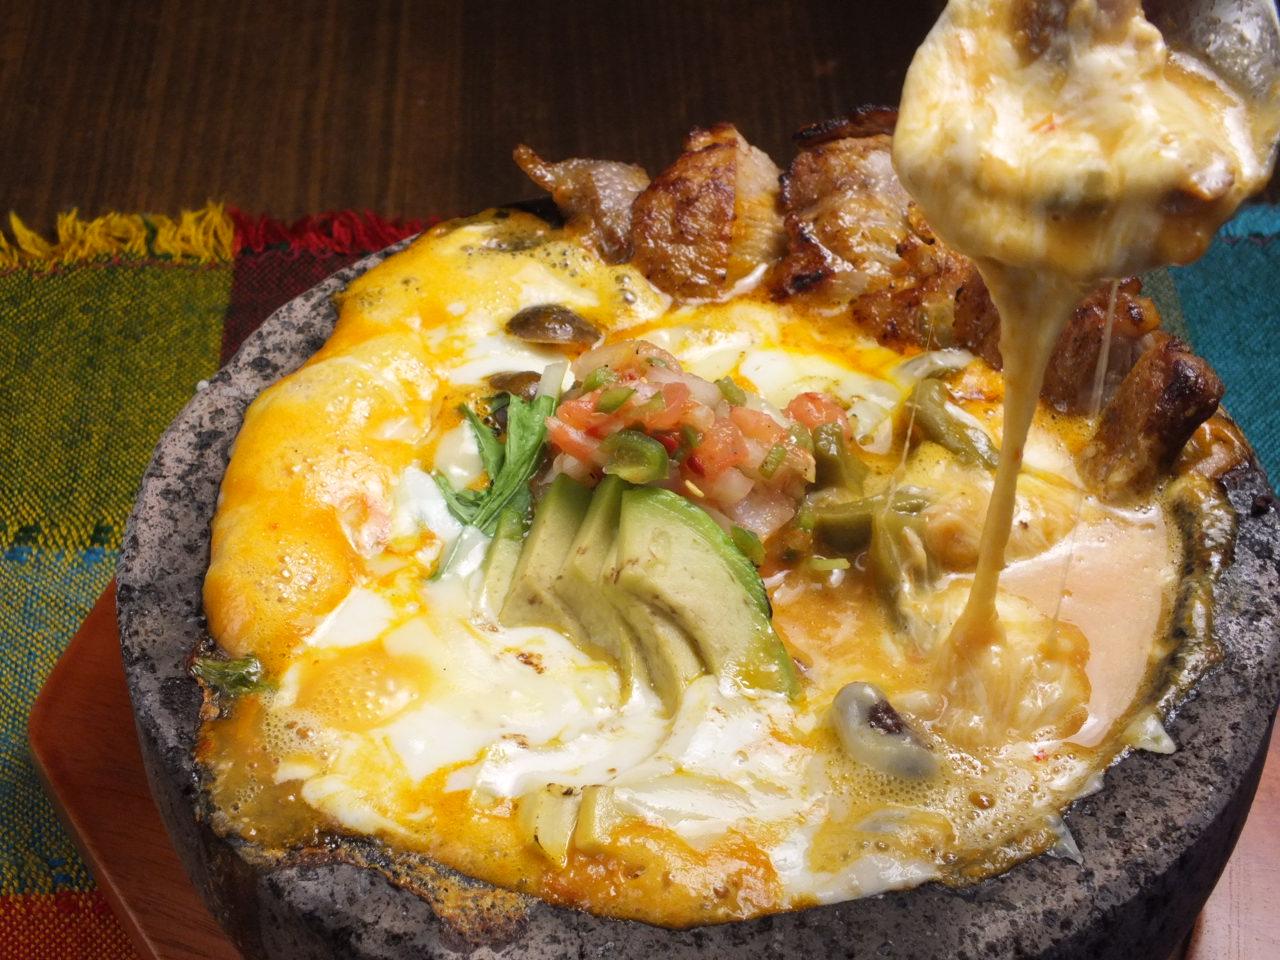 メキシコ料理『 マルガリータ 』。ラテンの陽気な雰囲気の中、本格メキシコ料理を初体験♪